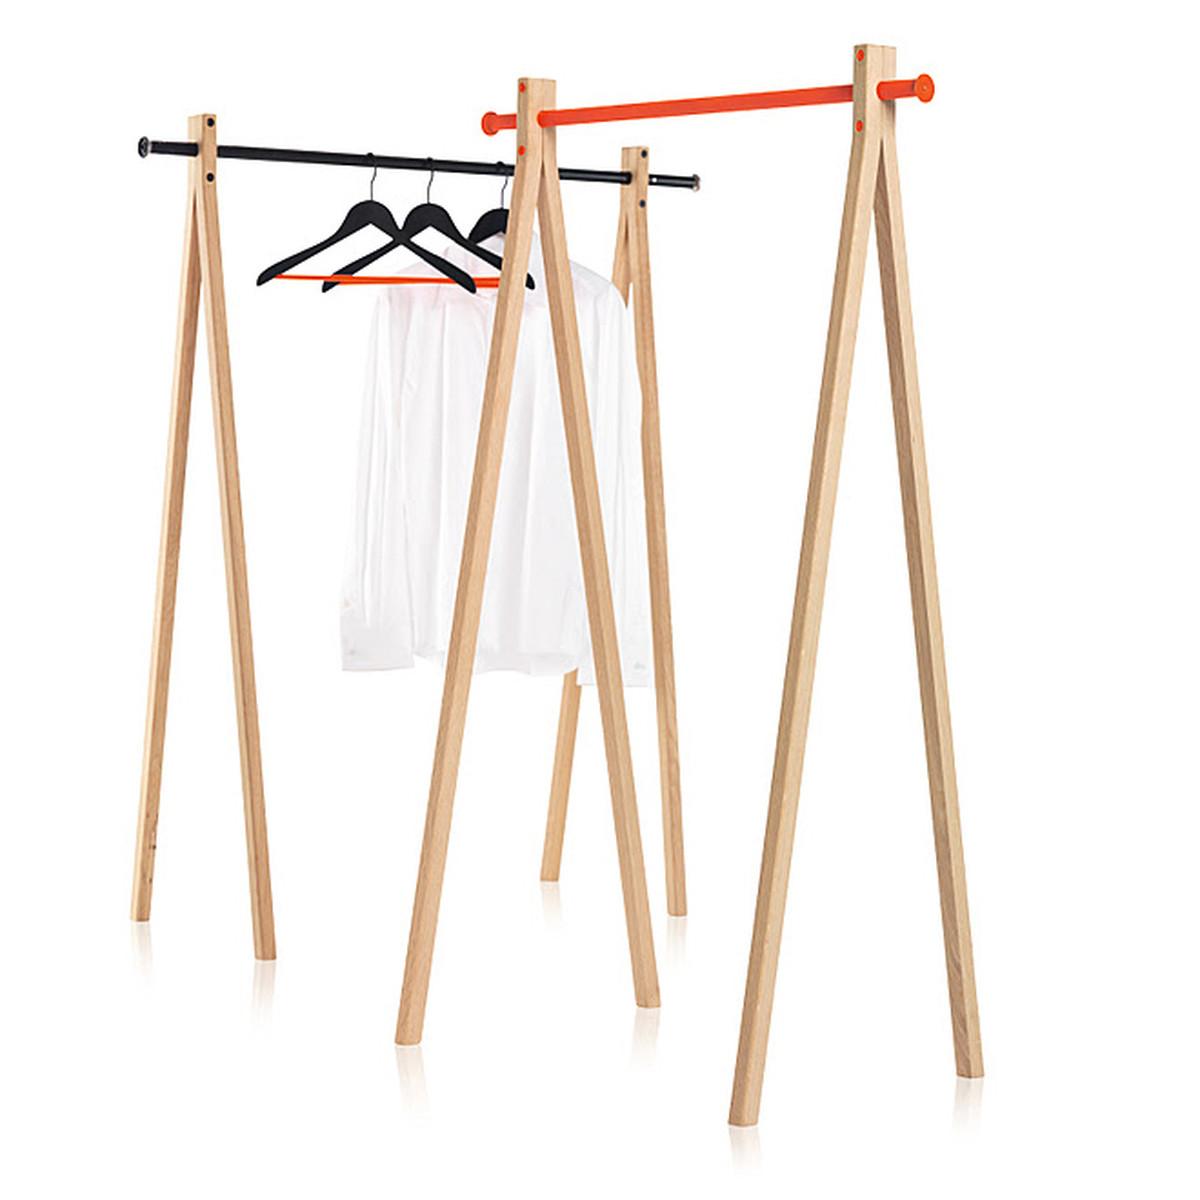 Dress-Up-Esche-schwarz-120-Esche-orange-90.jpg